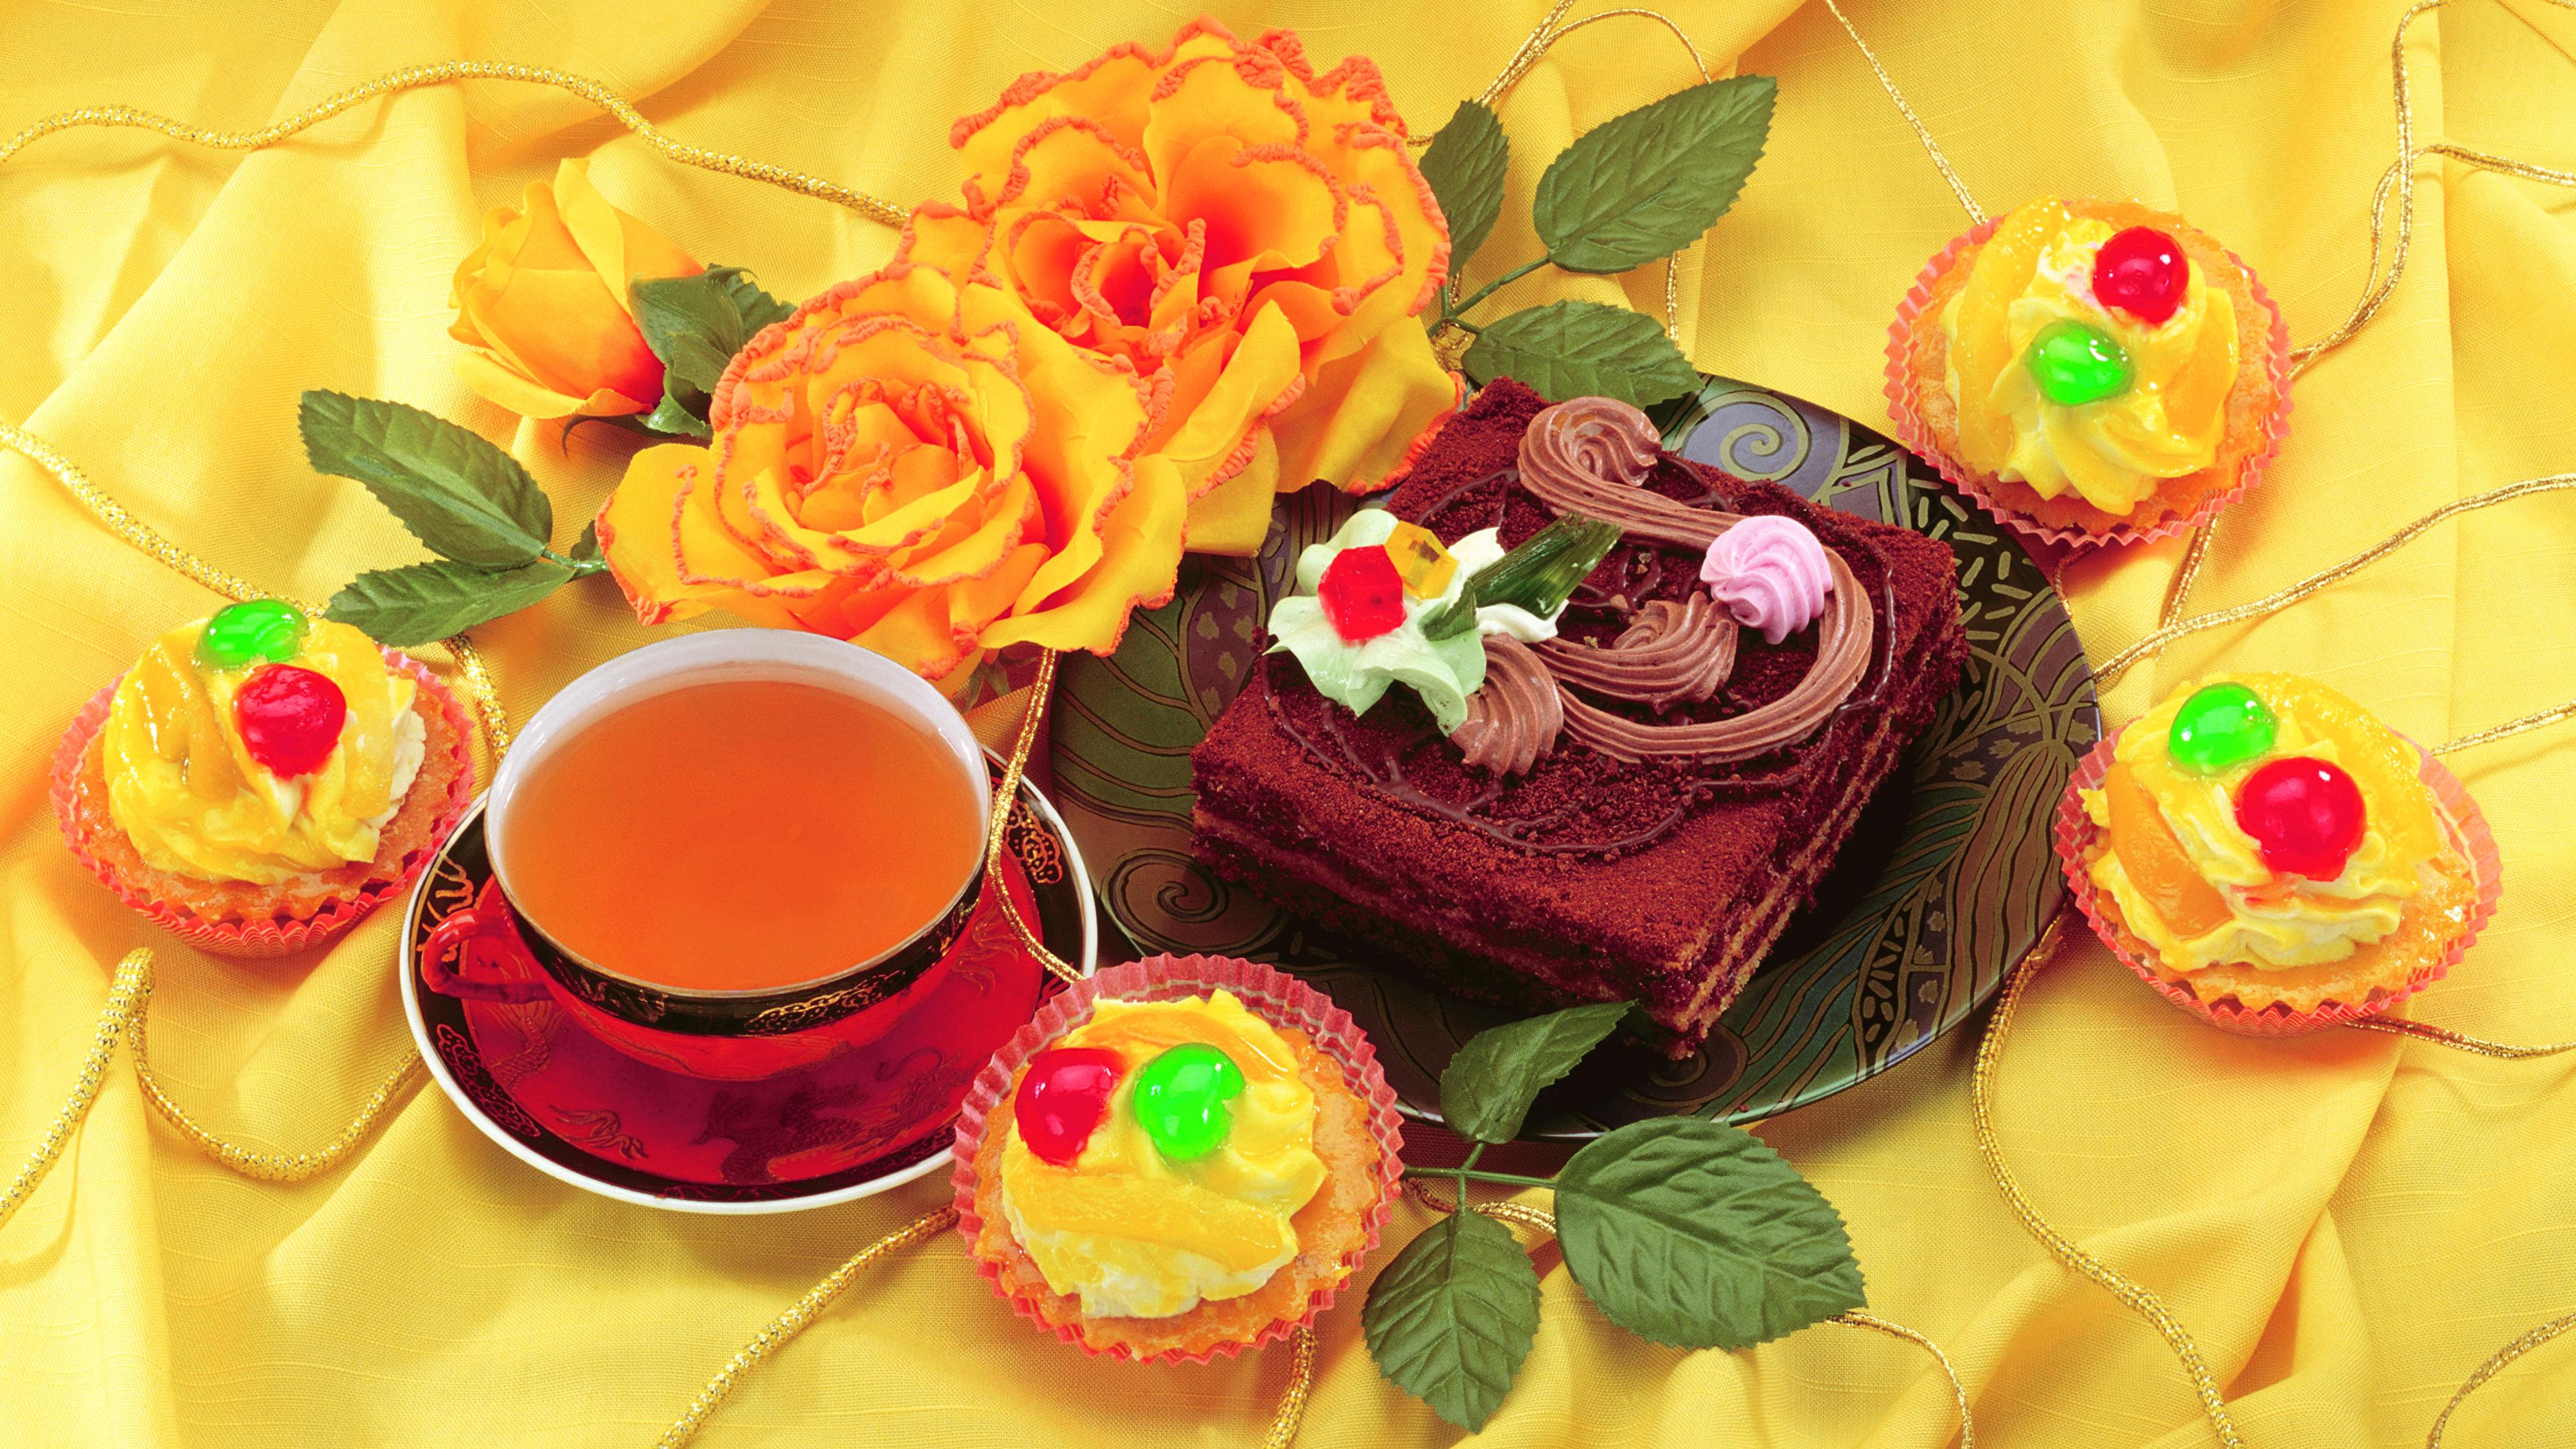 Фотографии Чай Розы Торты Еда Чашка Пирожное Натюрморт 3840x2160 роза Пища чашке Продукты питания